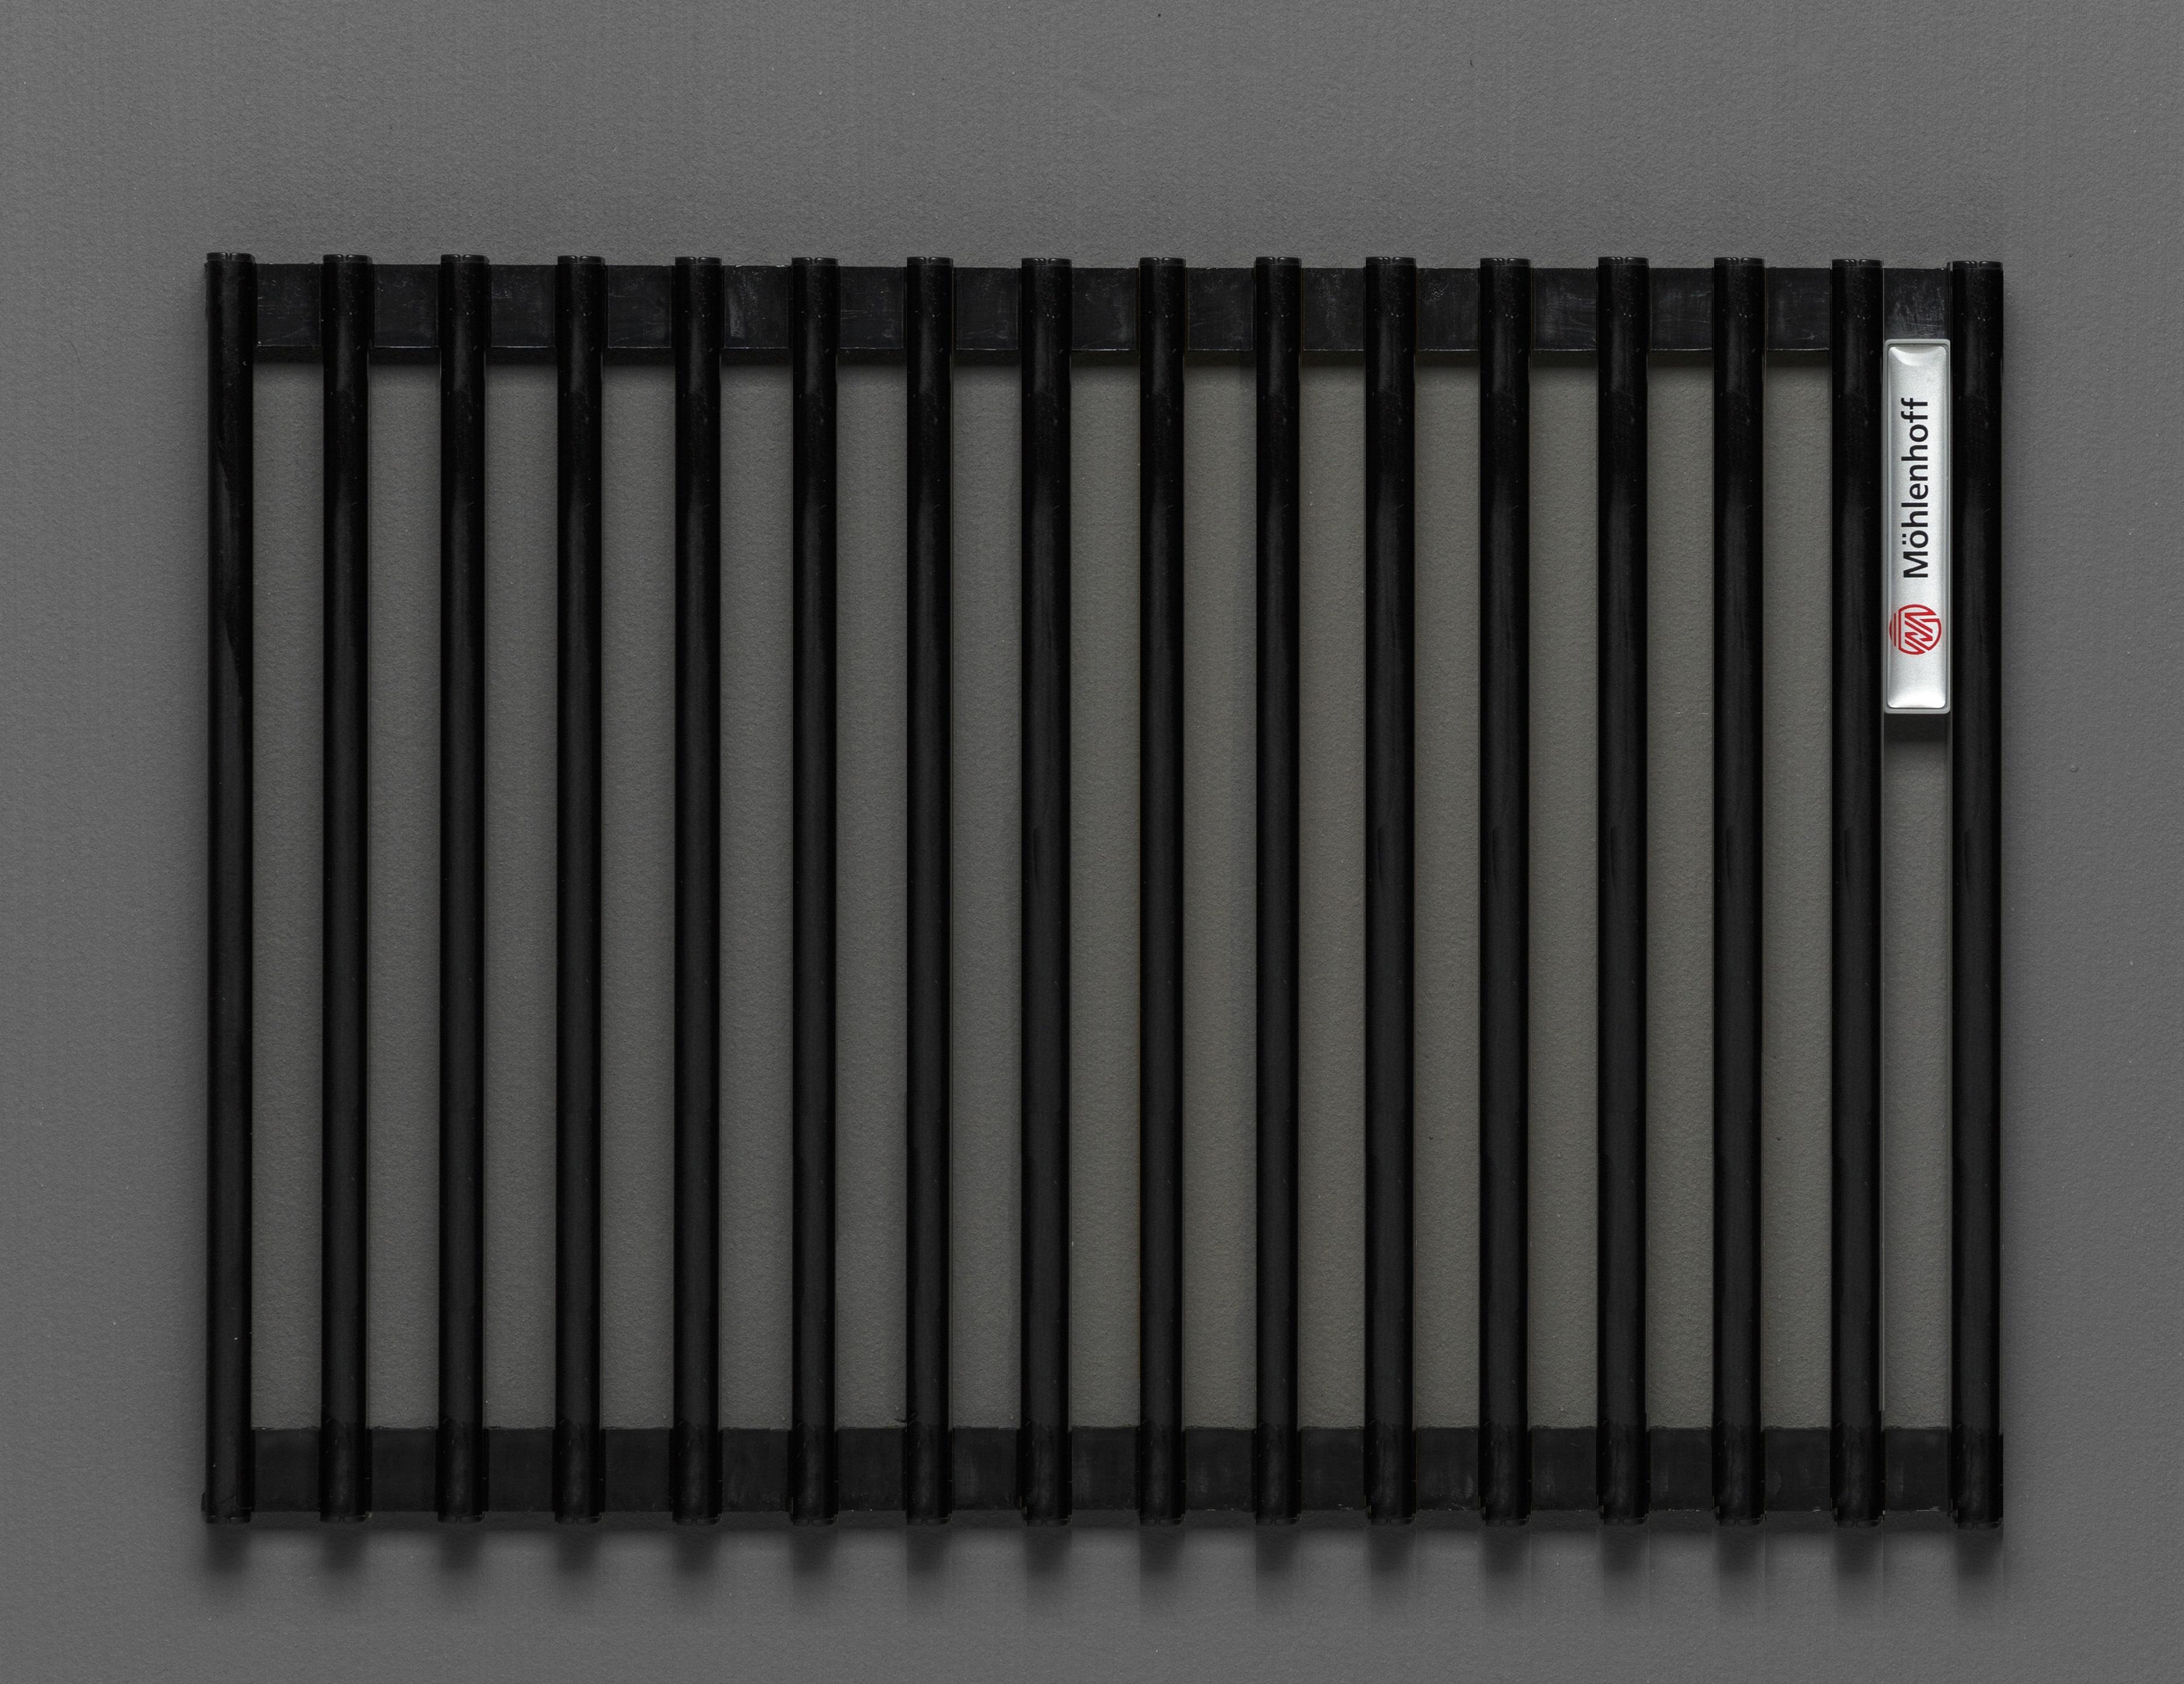 Купить Декоративная решётка Mohlenhoff черный, шириной 410 мм 1 пог. м, Россия